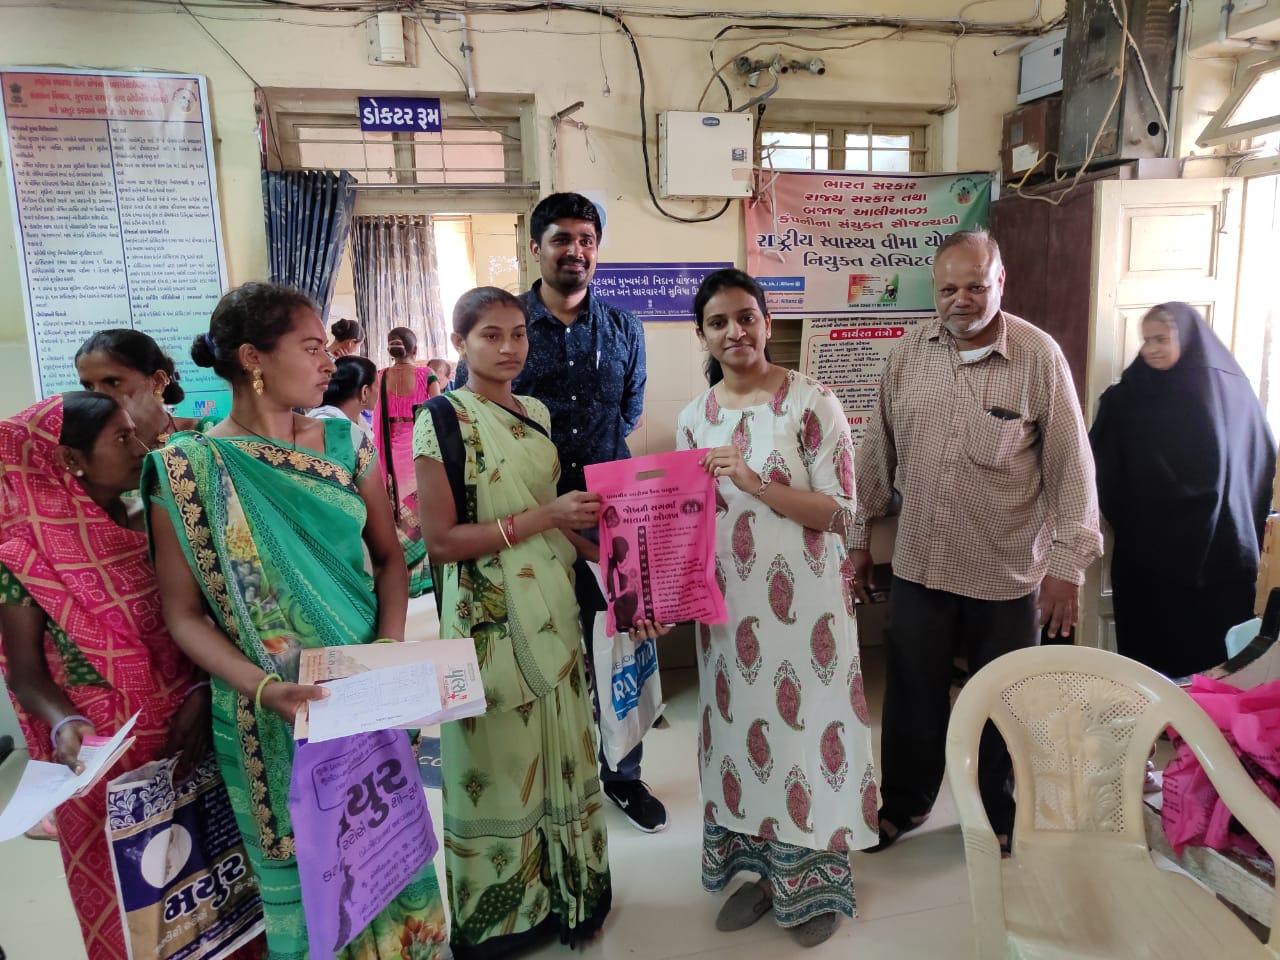 ભાવનગર :સામહુિક આરોગ્ય કેન્દ્ર ઘોઘા ખાતે સગર્ભા તપાસણી કેમ્પનો ૨૨૯ સગર્ભા મહિલાઓ લાભ લીધો